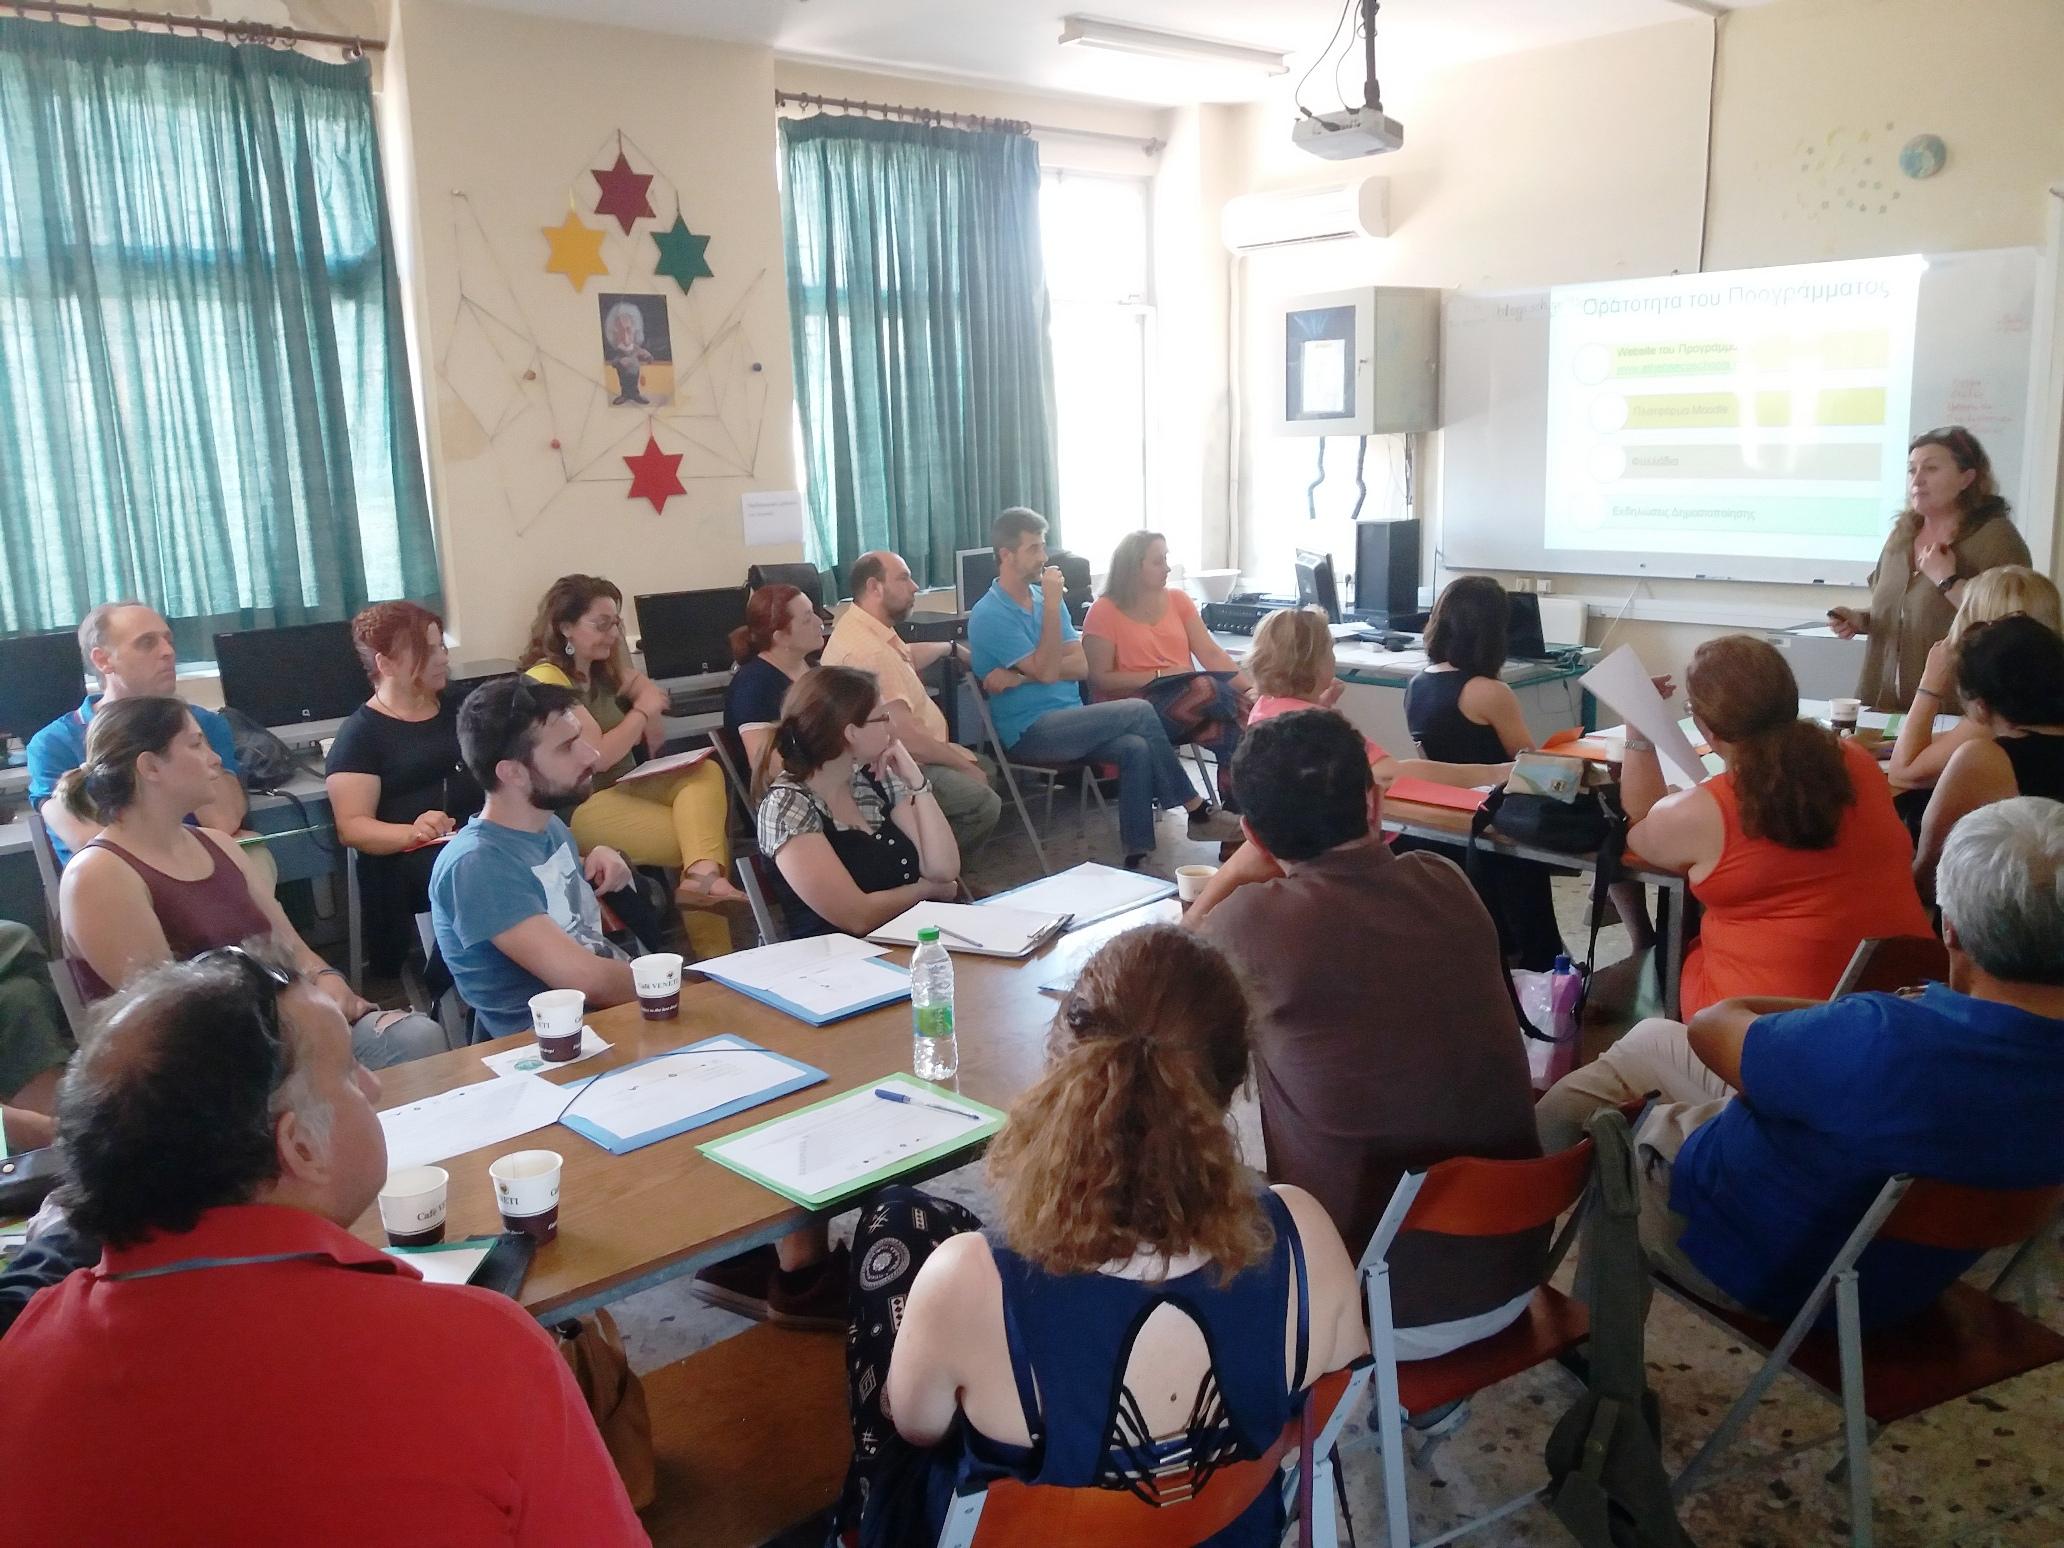 EUKI Κλιματικά Σχολεία Αθήνα.Βερολίνο: ένα ενδιαφέρον πρόγραμμα για την προστασία του κλίματος και την ενεργειακή αποτελεσματικότητα